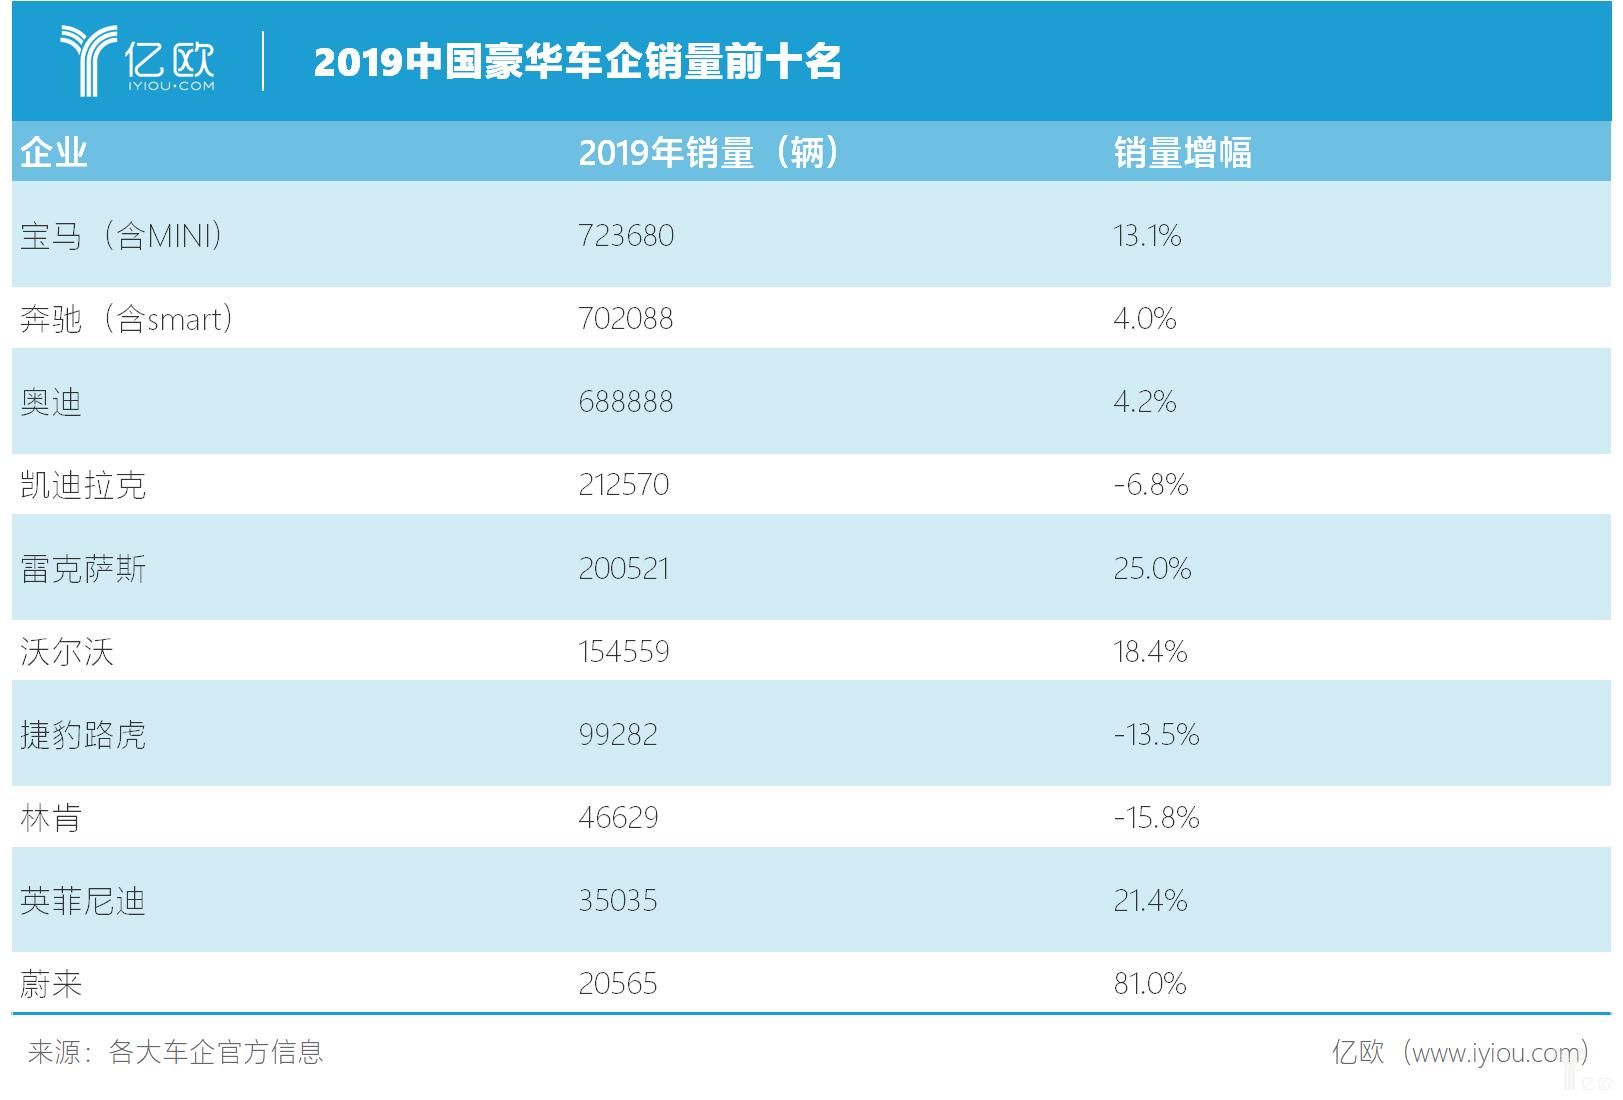 2019中国豪华车企销量前十名